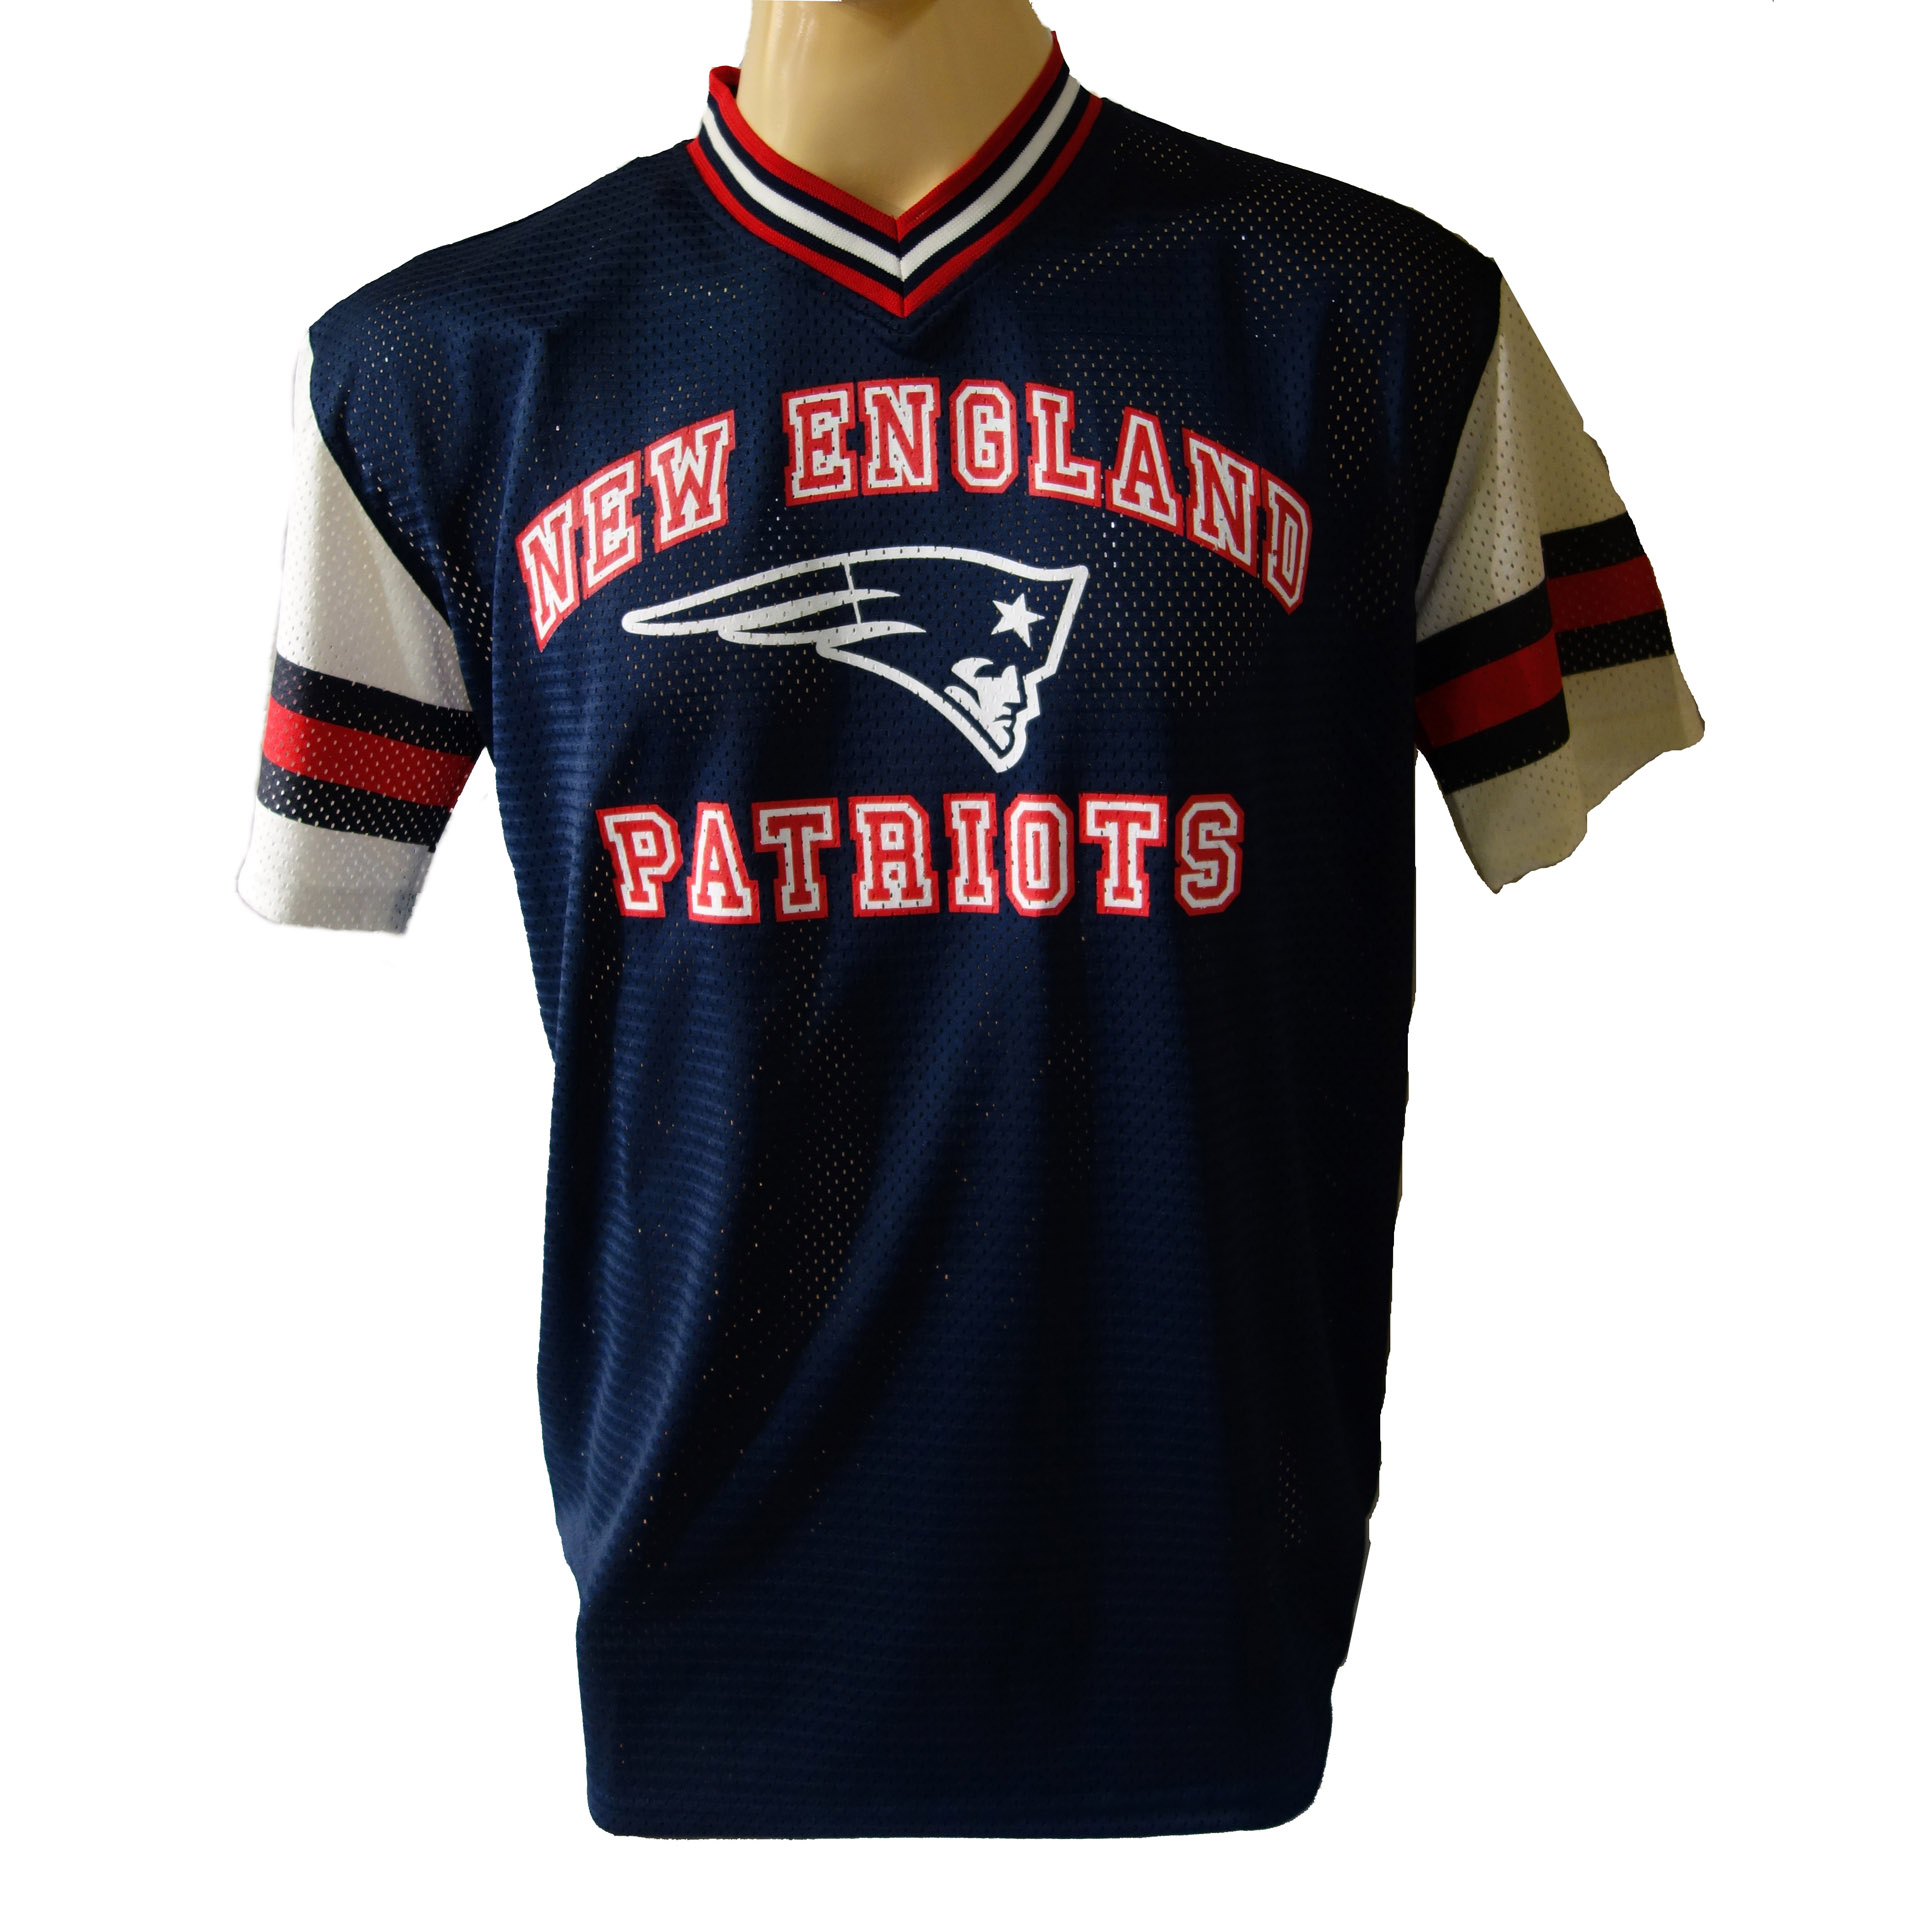 NFL New Era T-Shirt New England Patriots